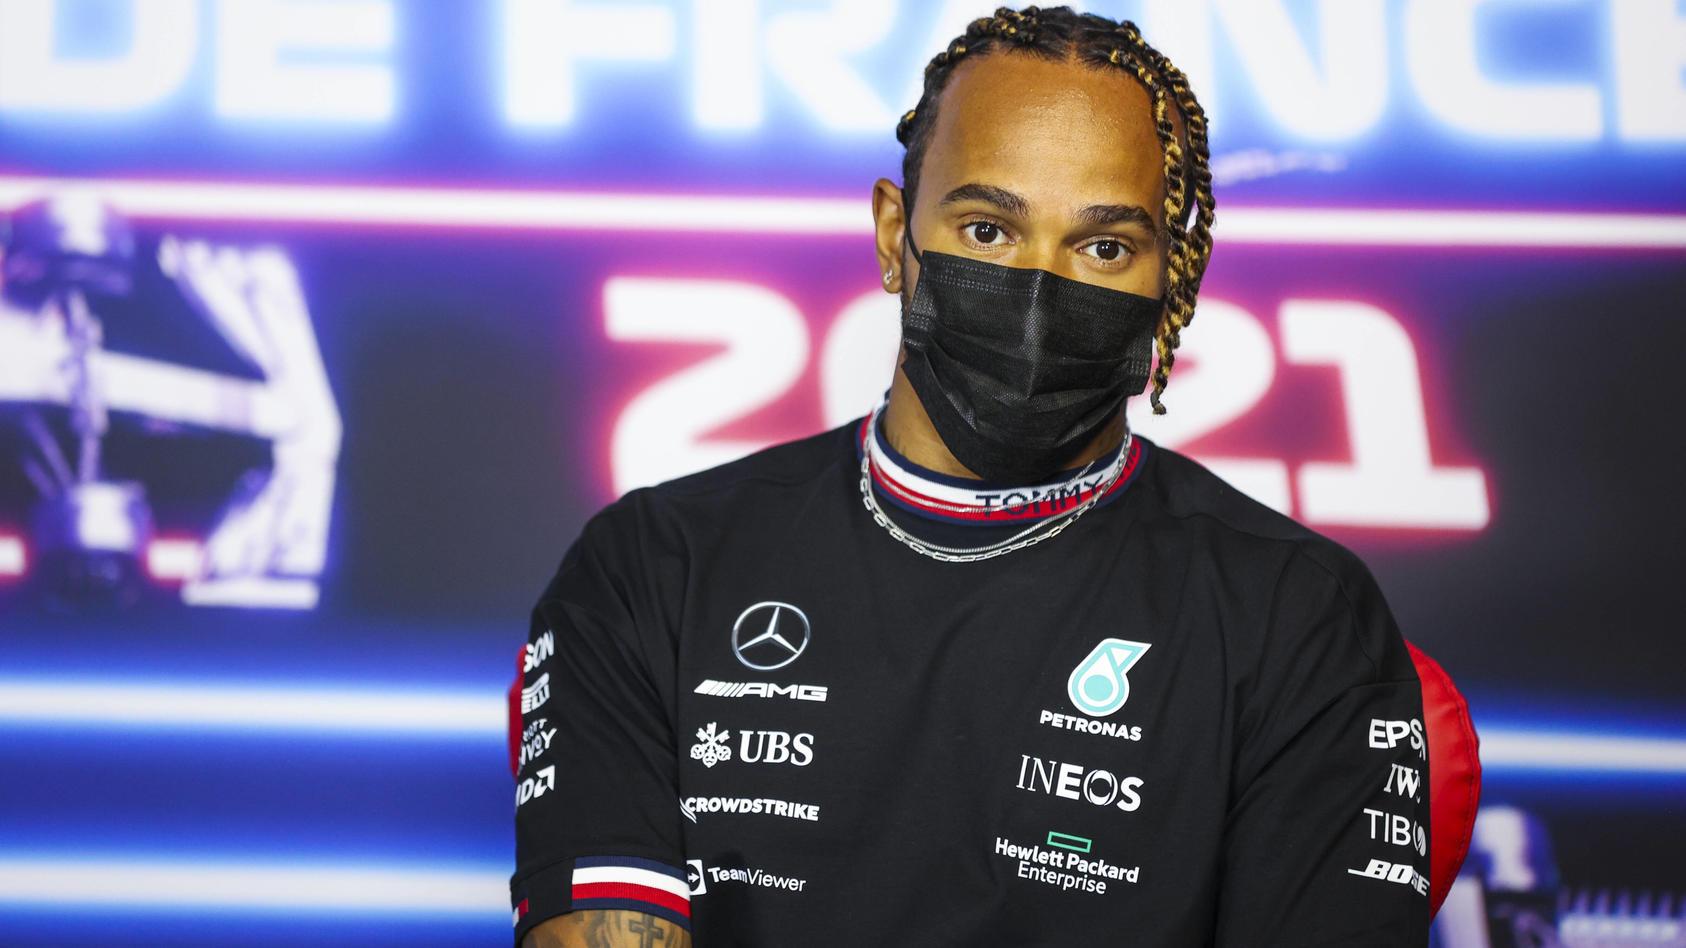 Ungewohnt: Lewis Hamilton liegt in der WM derzeit nur auf 2.